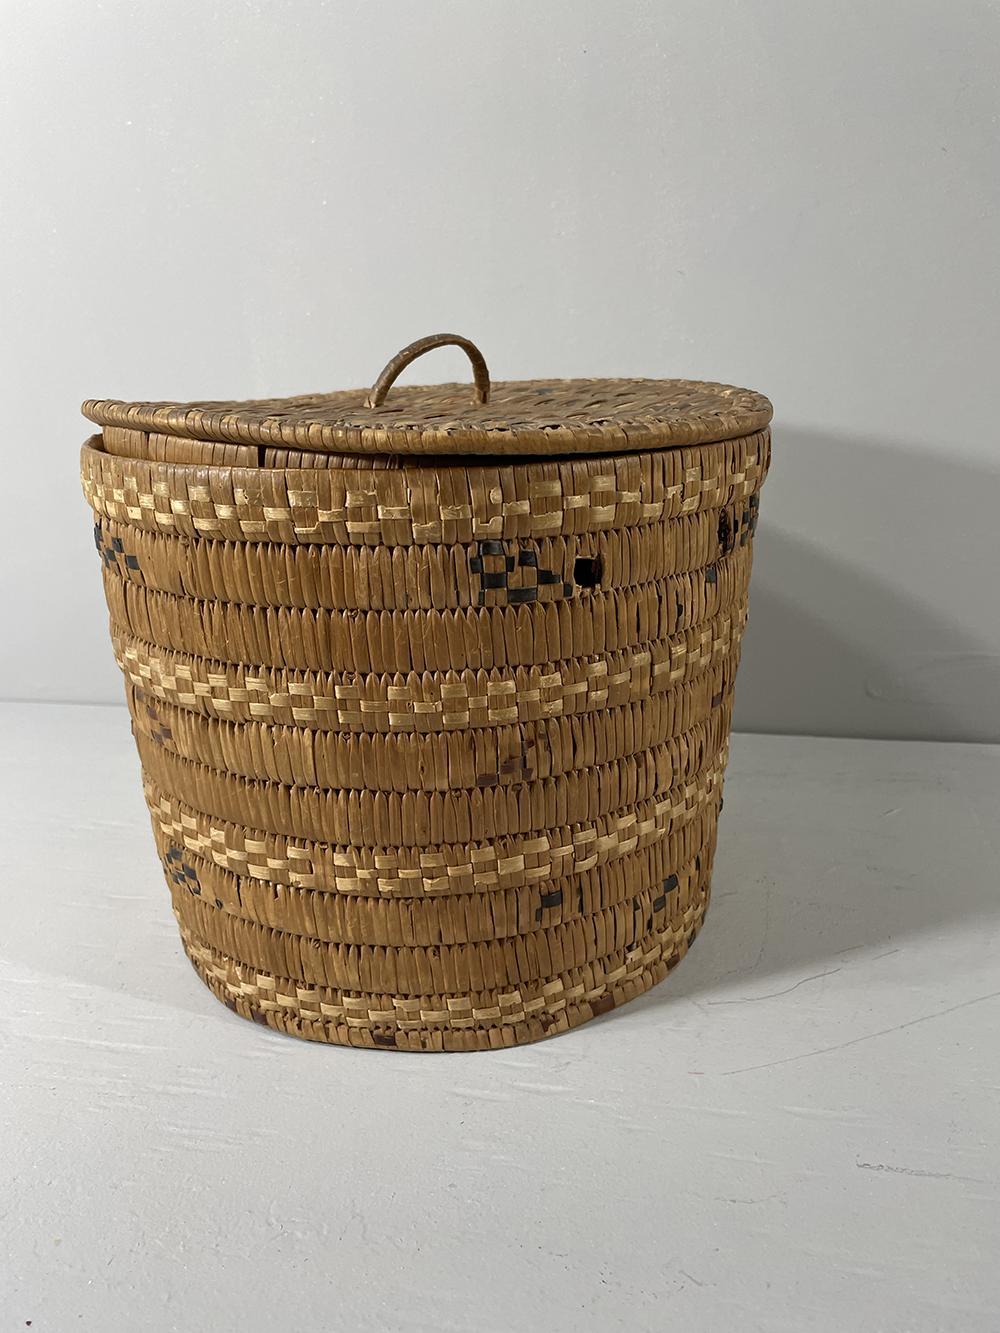 Coast Salish round lidded basket